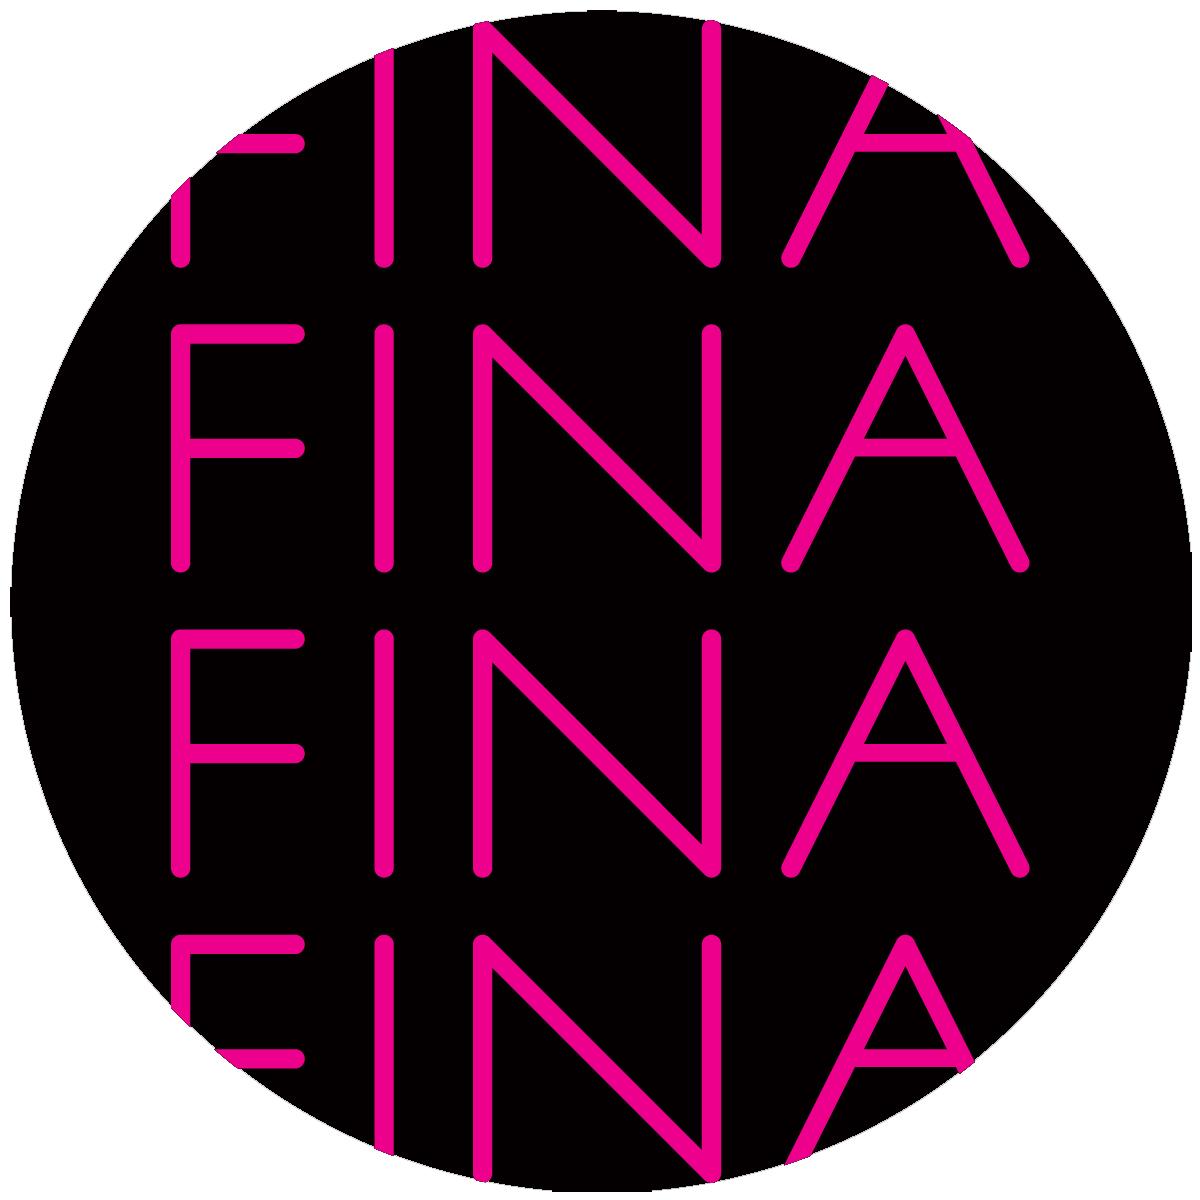 FINA006_A.jpg